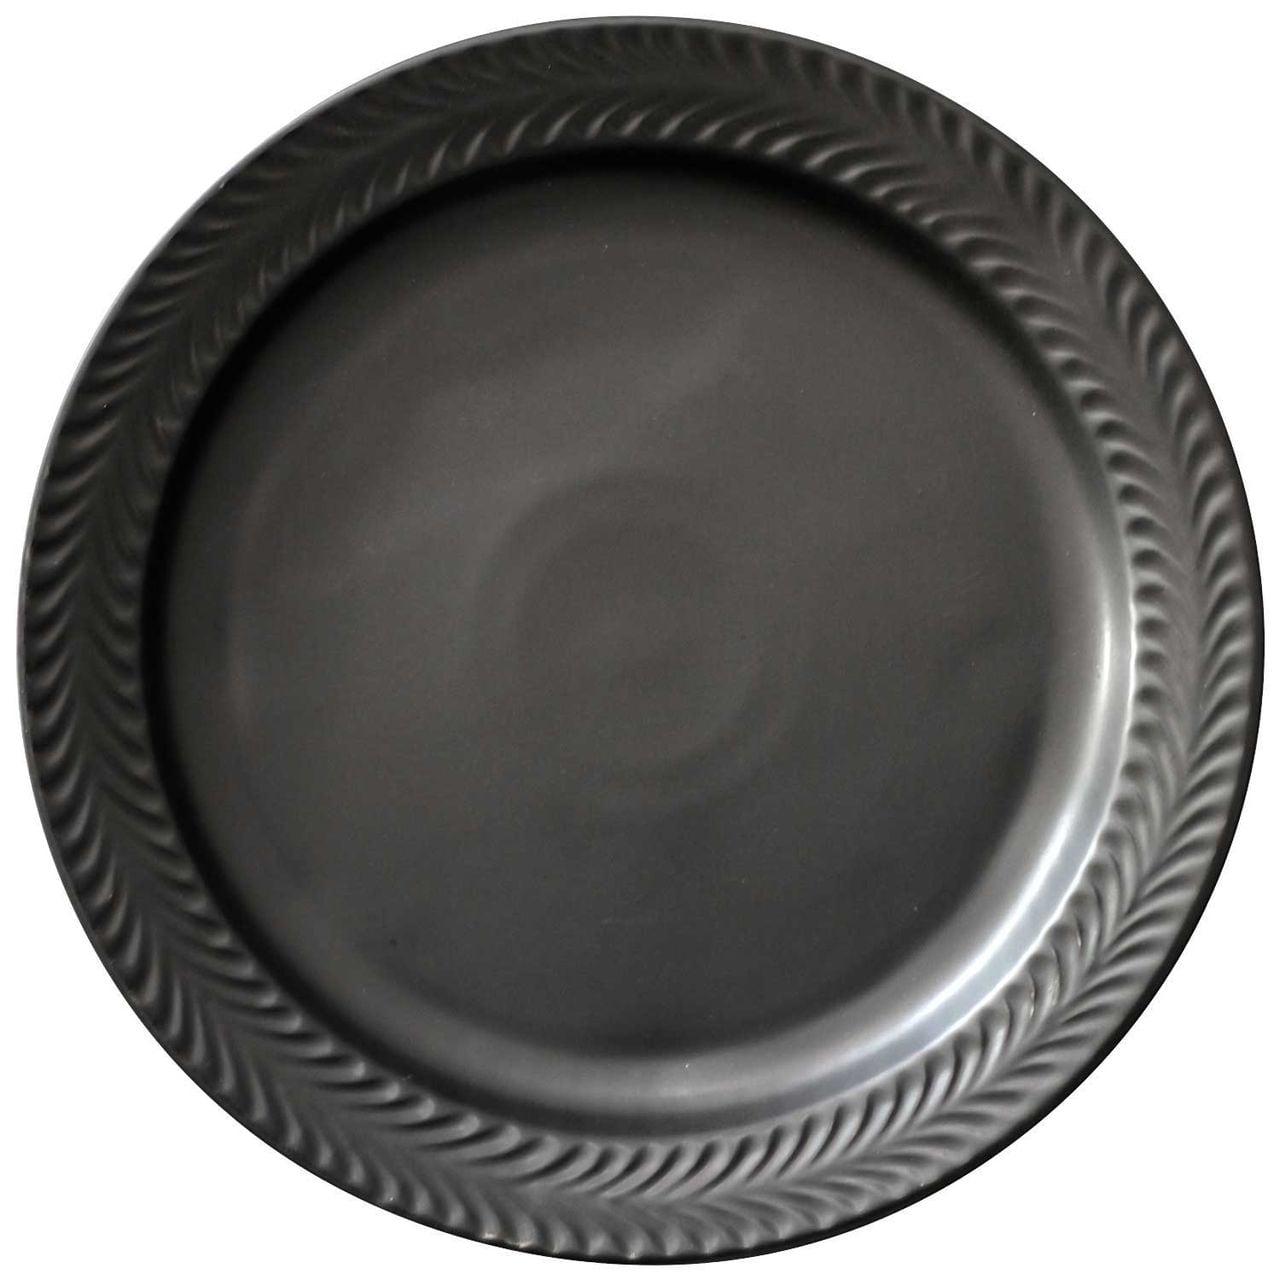 波佐見焼 翔芳窯 ローズマリー リムプレート 皿 約24cm マットブラック 33379